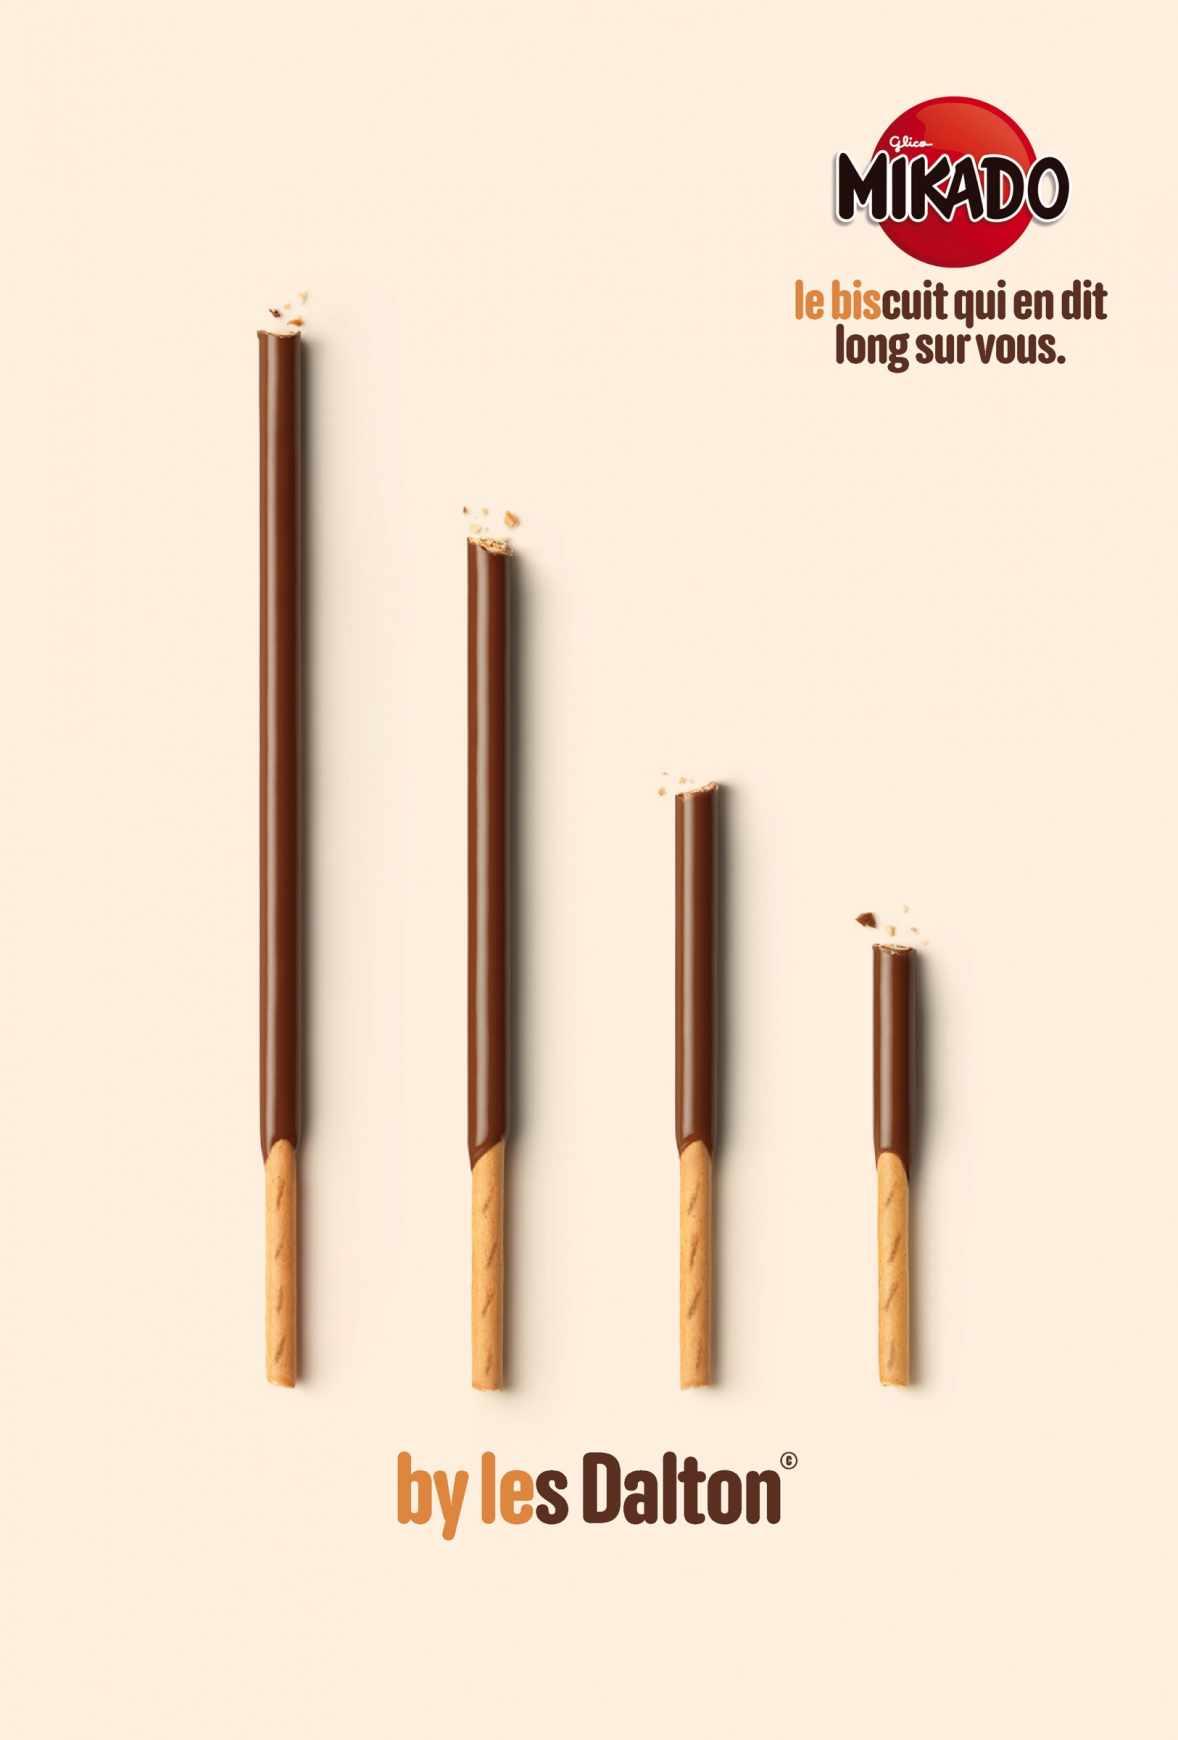 dans-ta-pub-prints-lundi-brillant-creatif-affiche-publicité-74-7